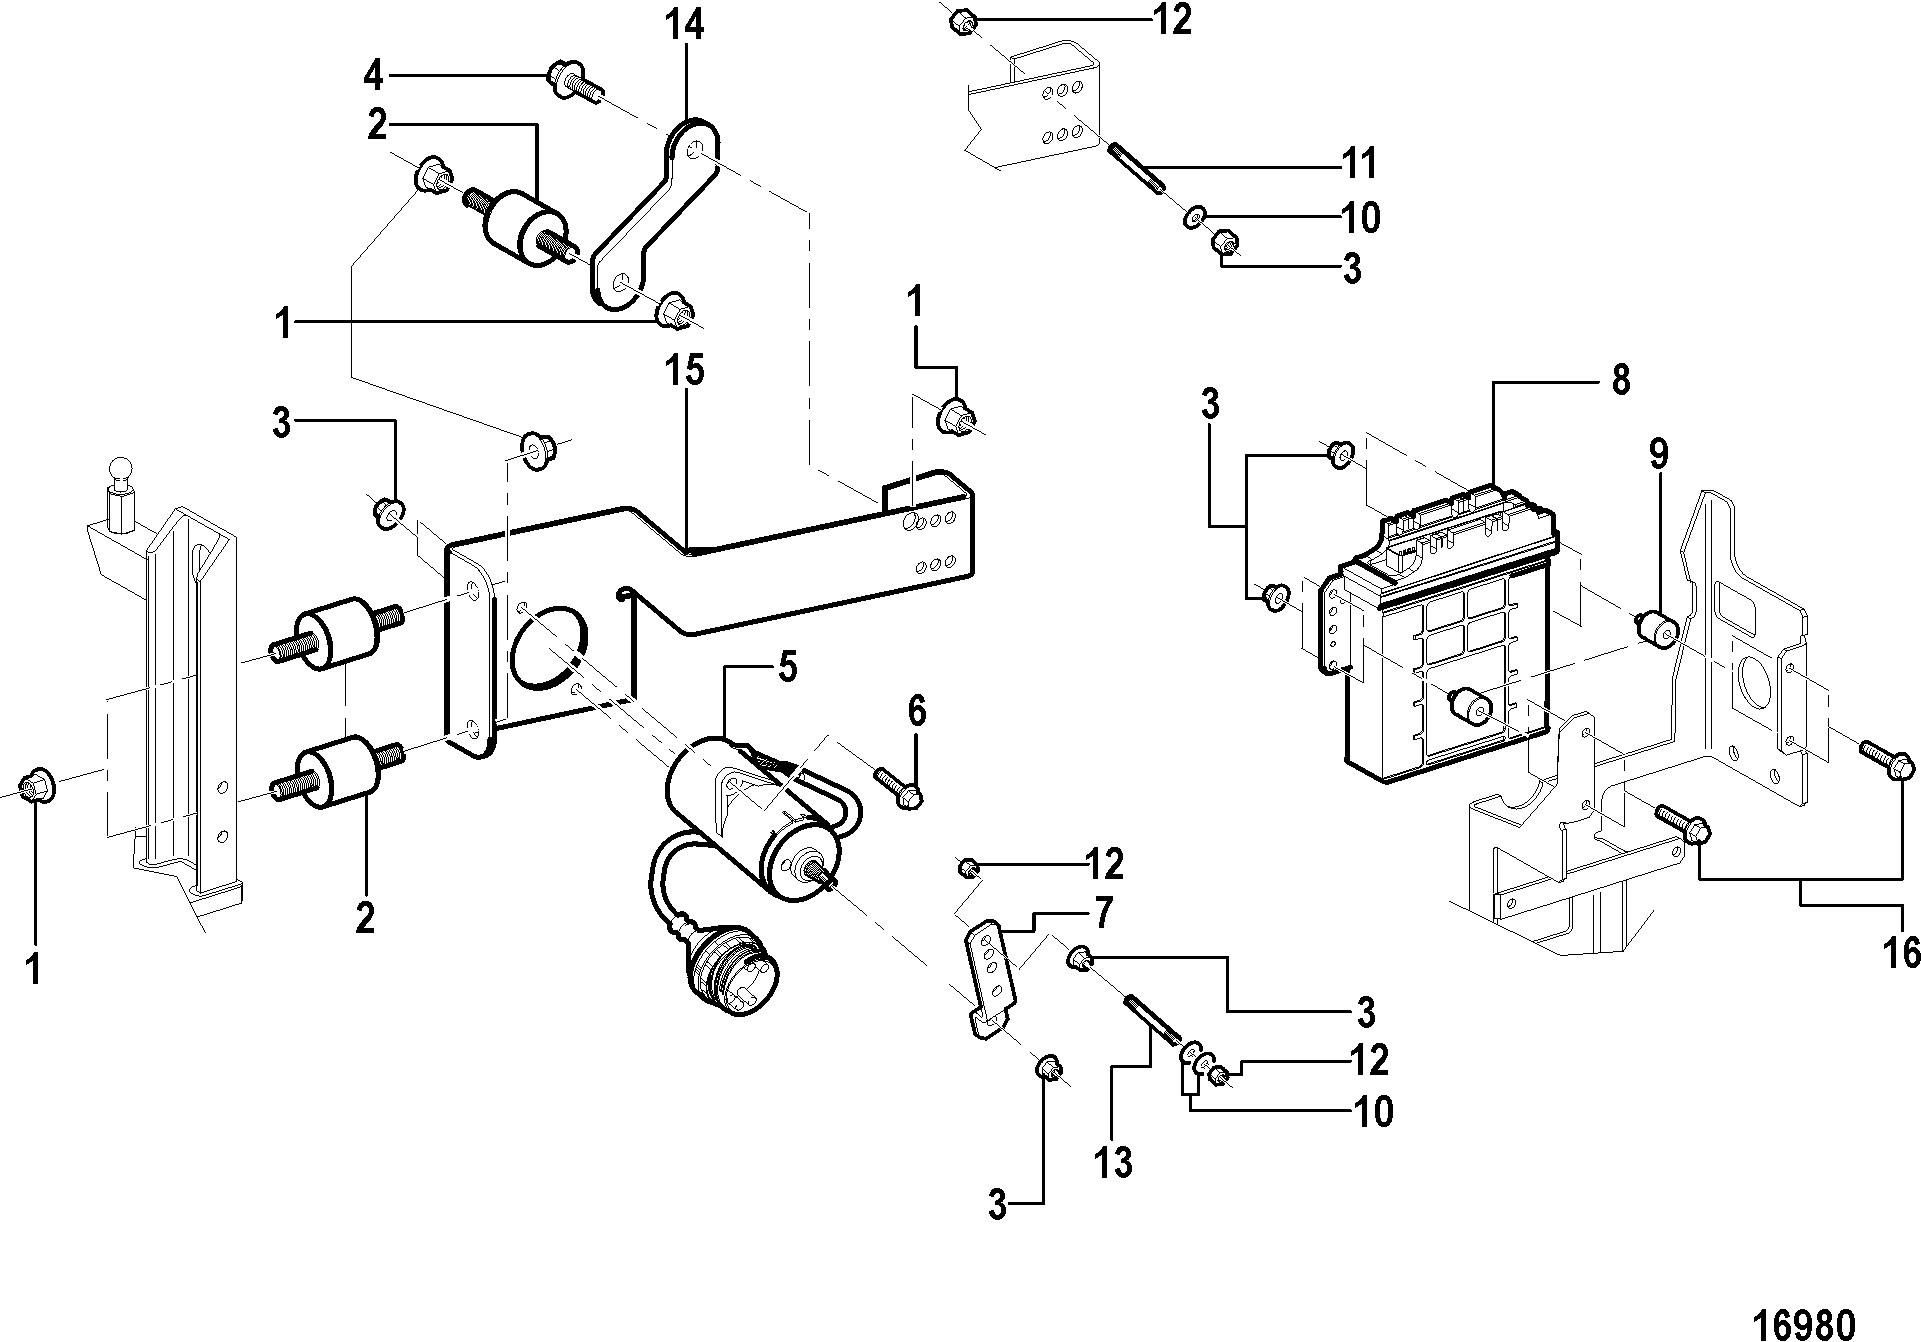 Mercruiser 170 Engine Diagram КатаРог запчастей Mercruiser остаРьные Cmd 4 2 Ms 230 Thru Of Mercruiser 170 Engine Diagram